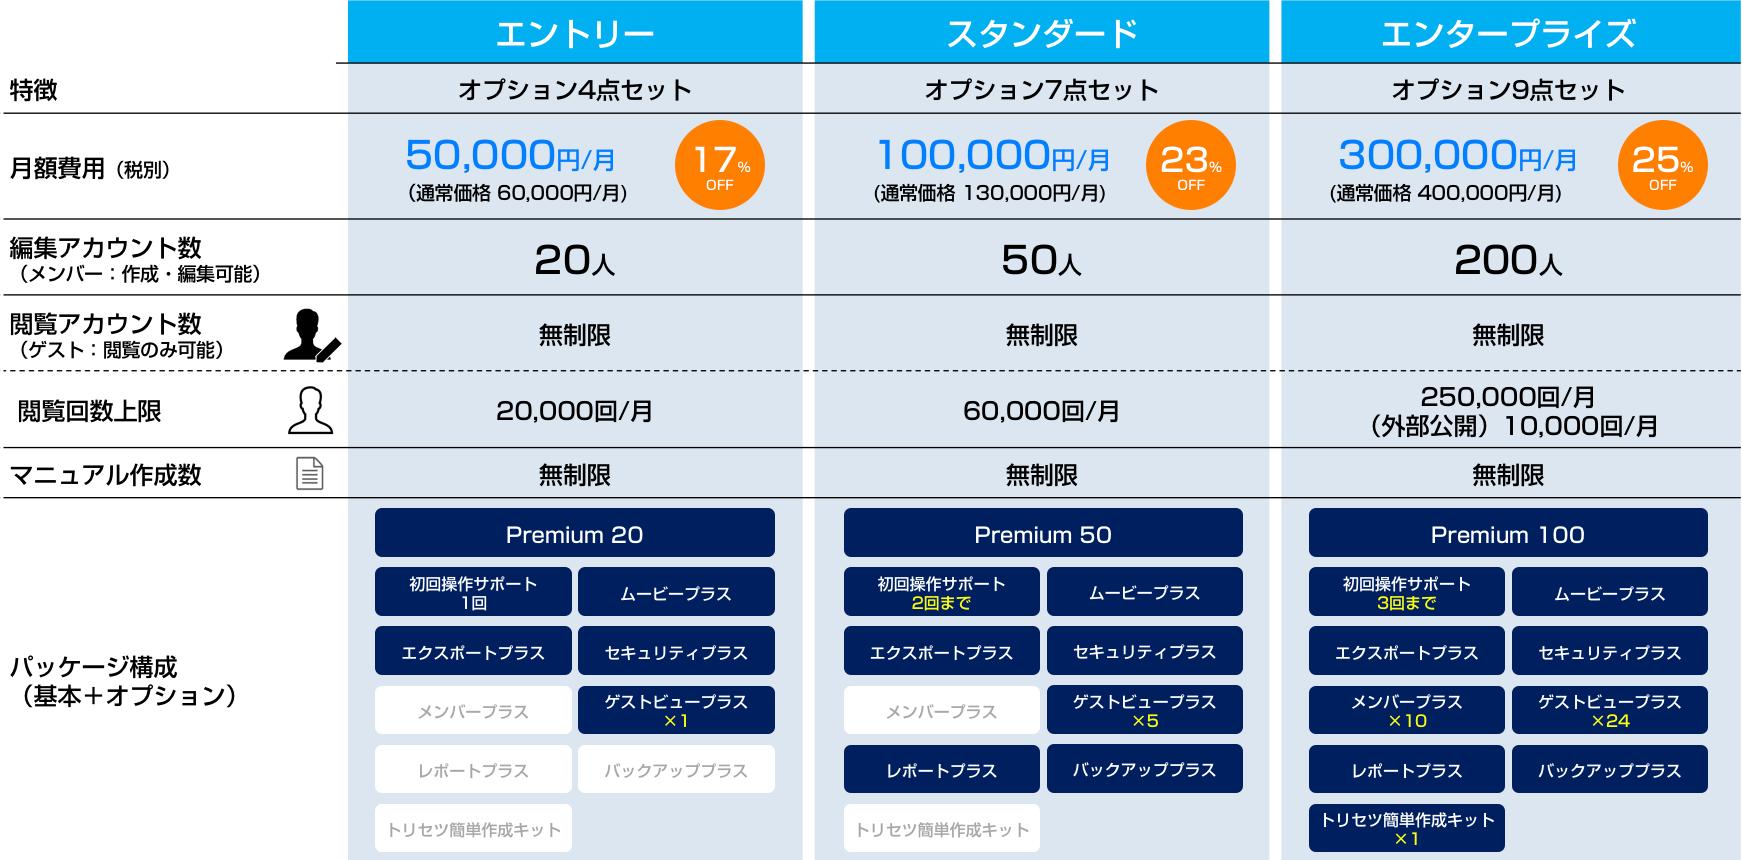 package_plan